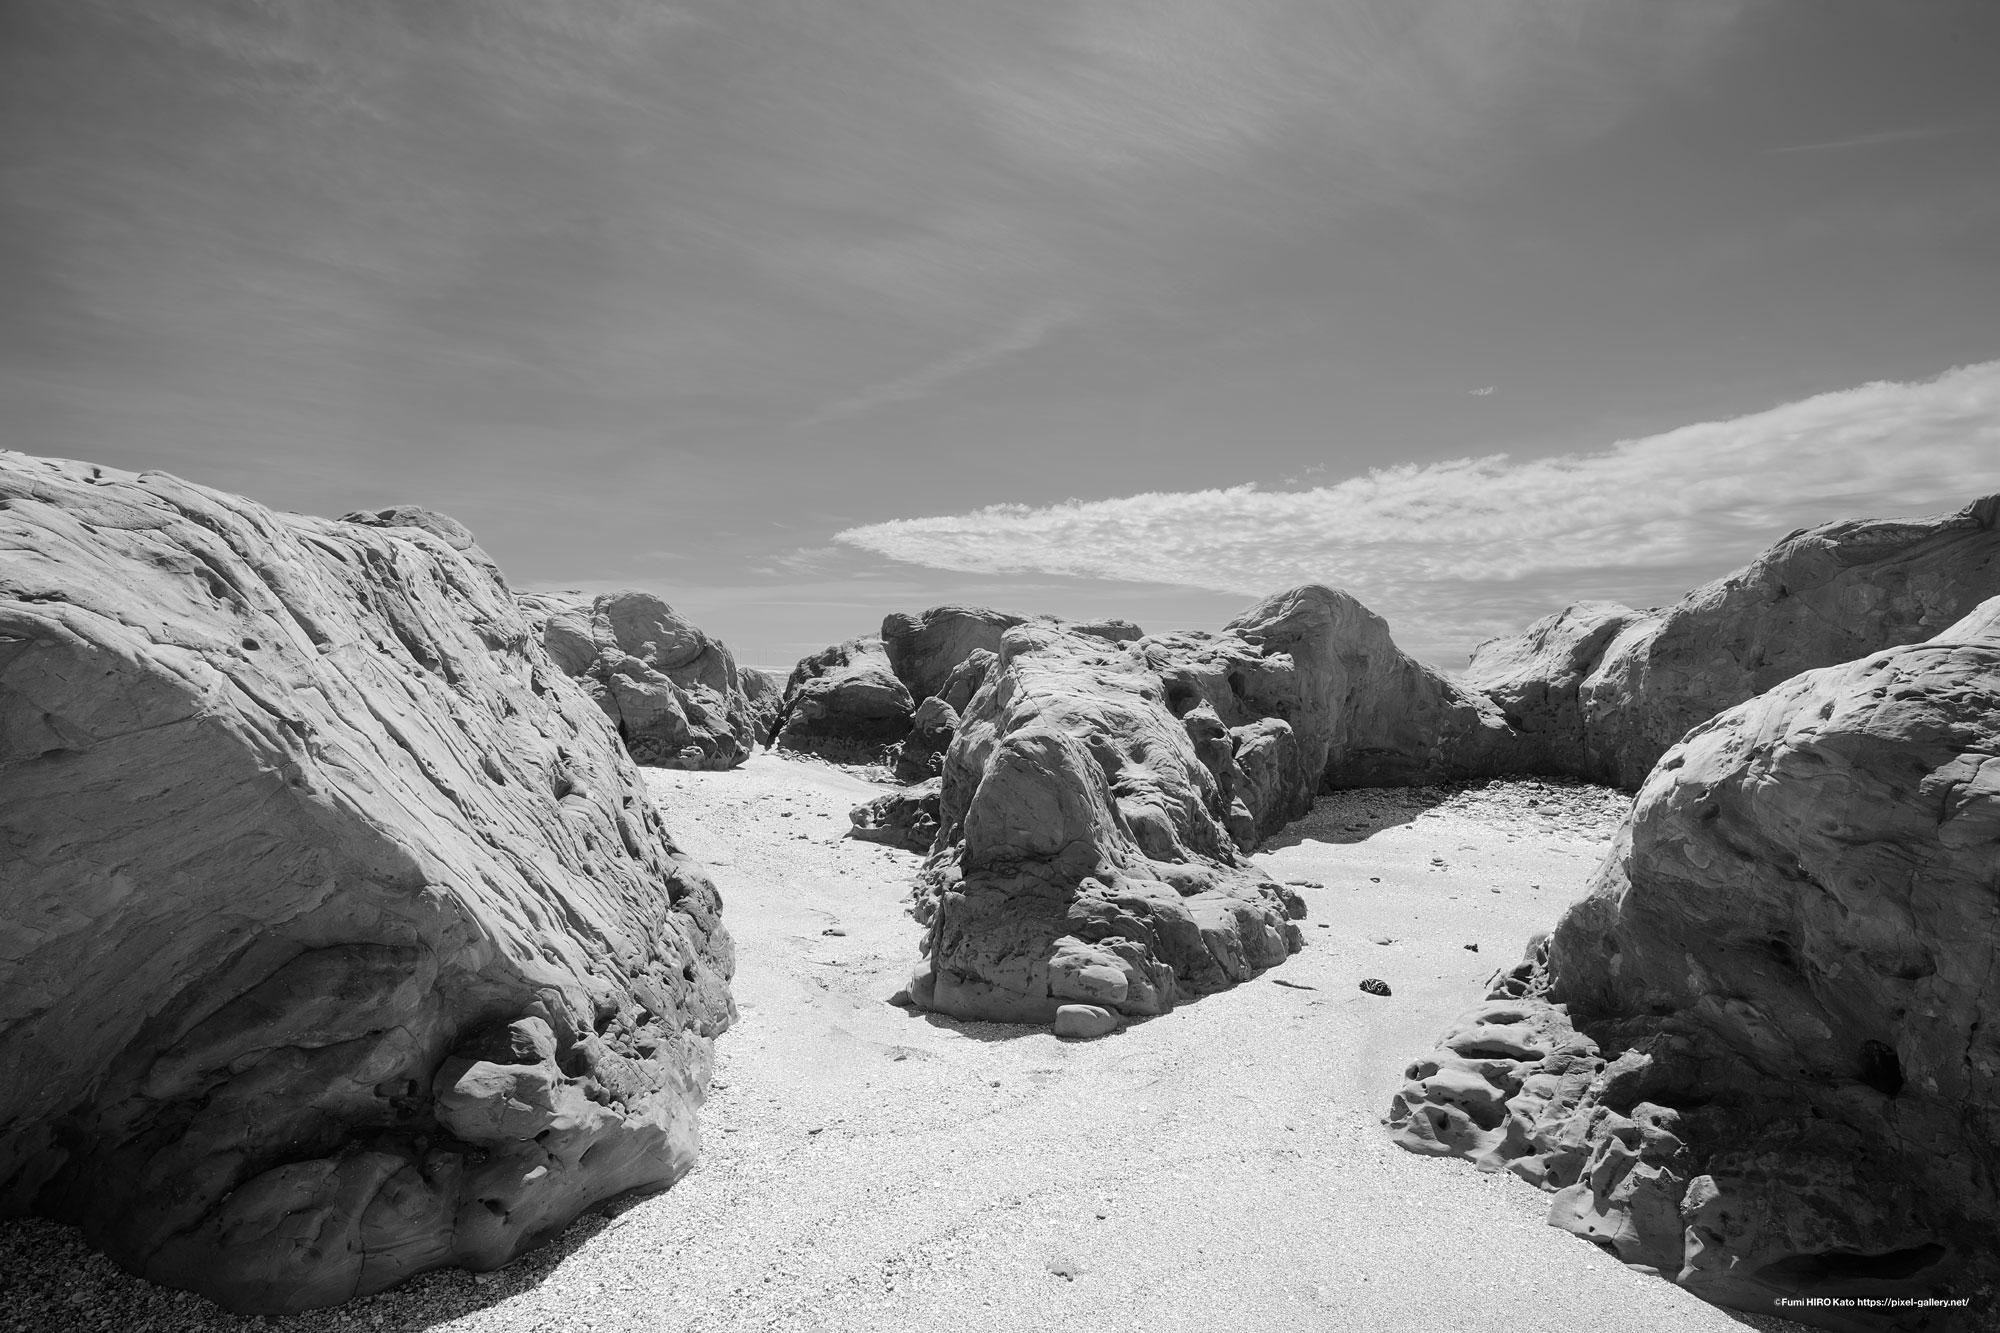 惑星と文明 19-016 時間は砂となって降り積もる